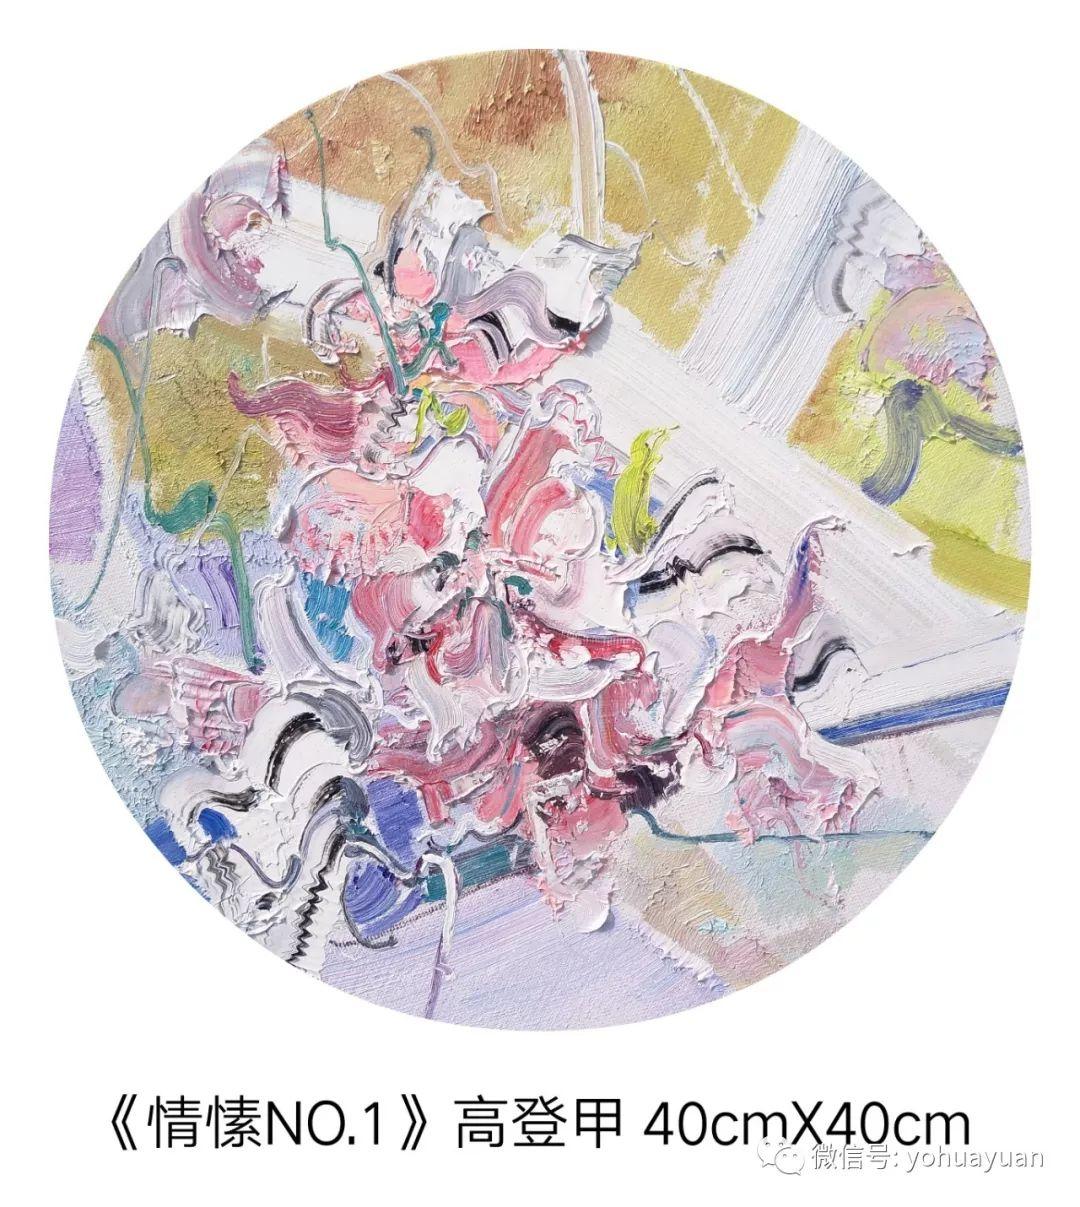 油画作品拍卖(内蒙古草原写生) 第53张 油画作品拍卖(内蒙古草原写生) 蒙古画廊